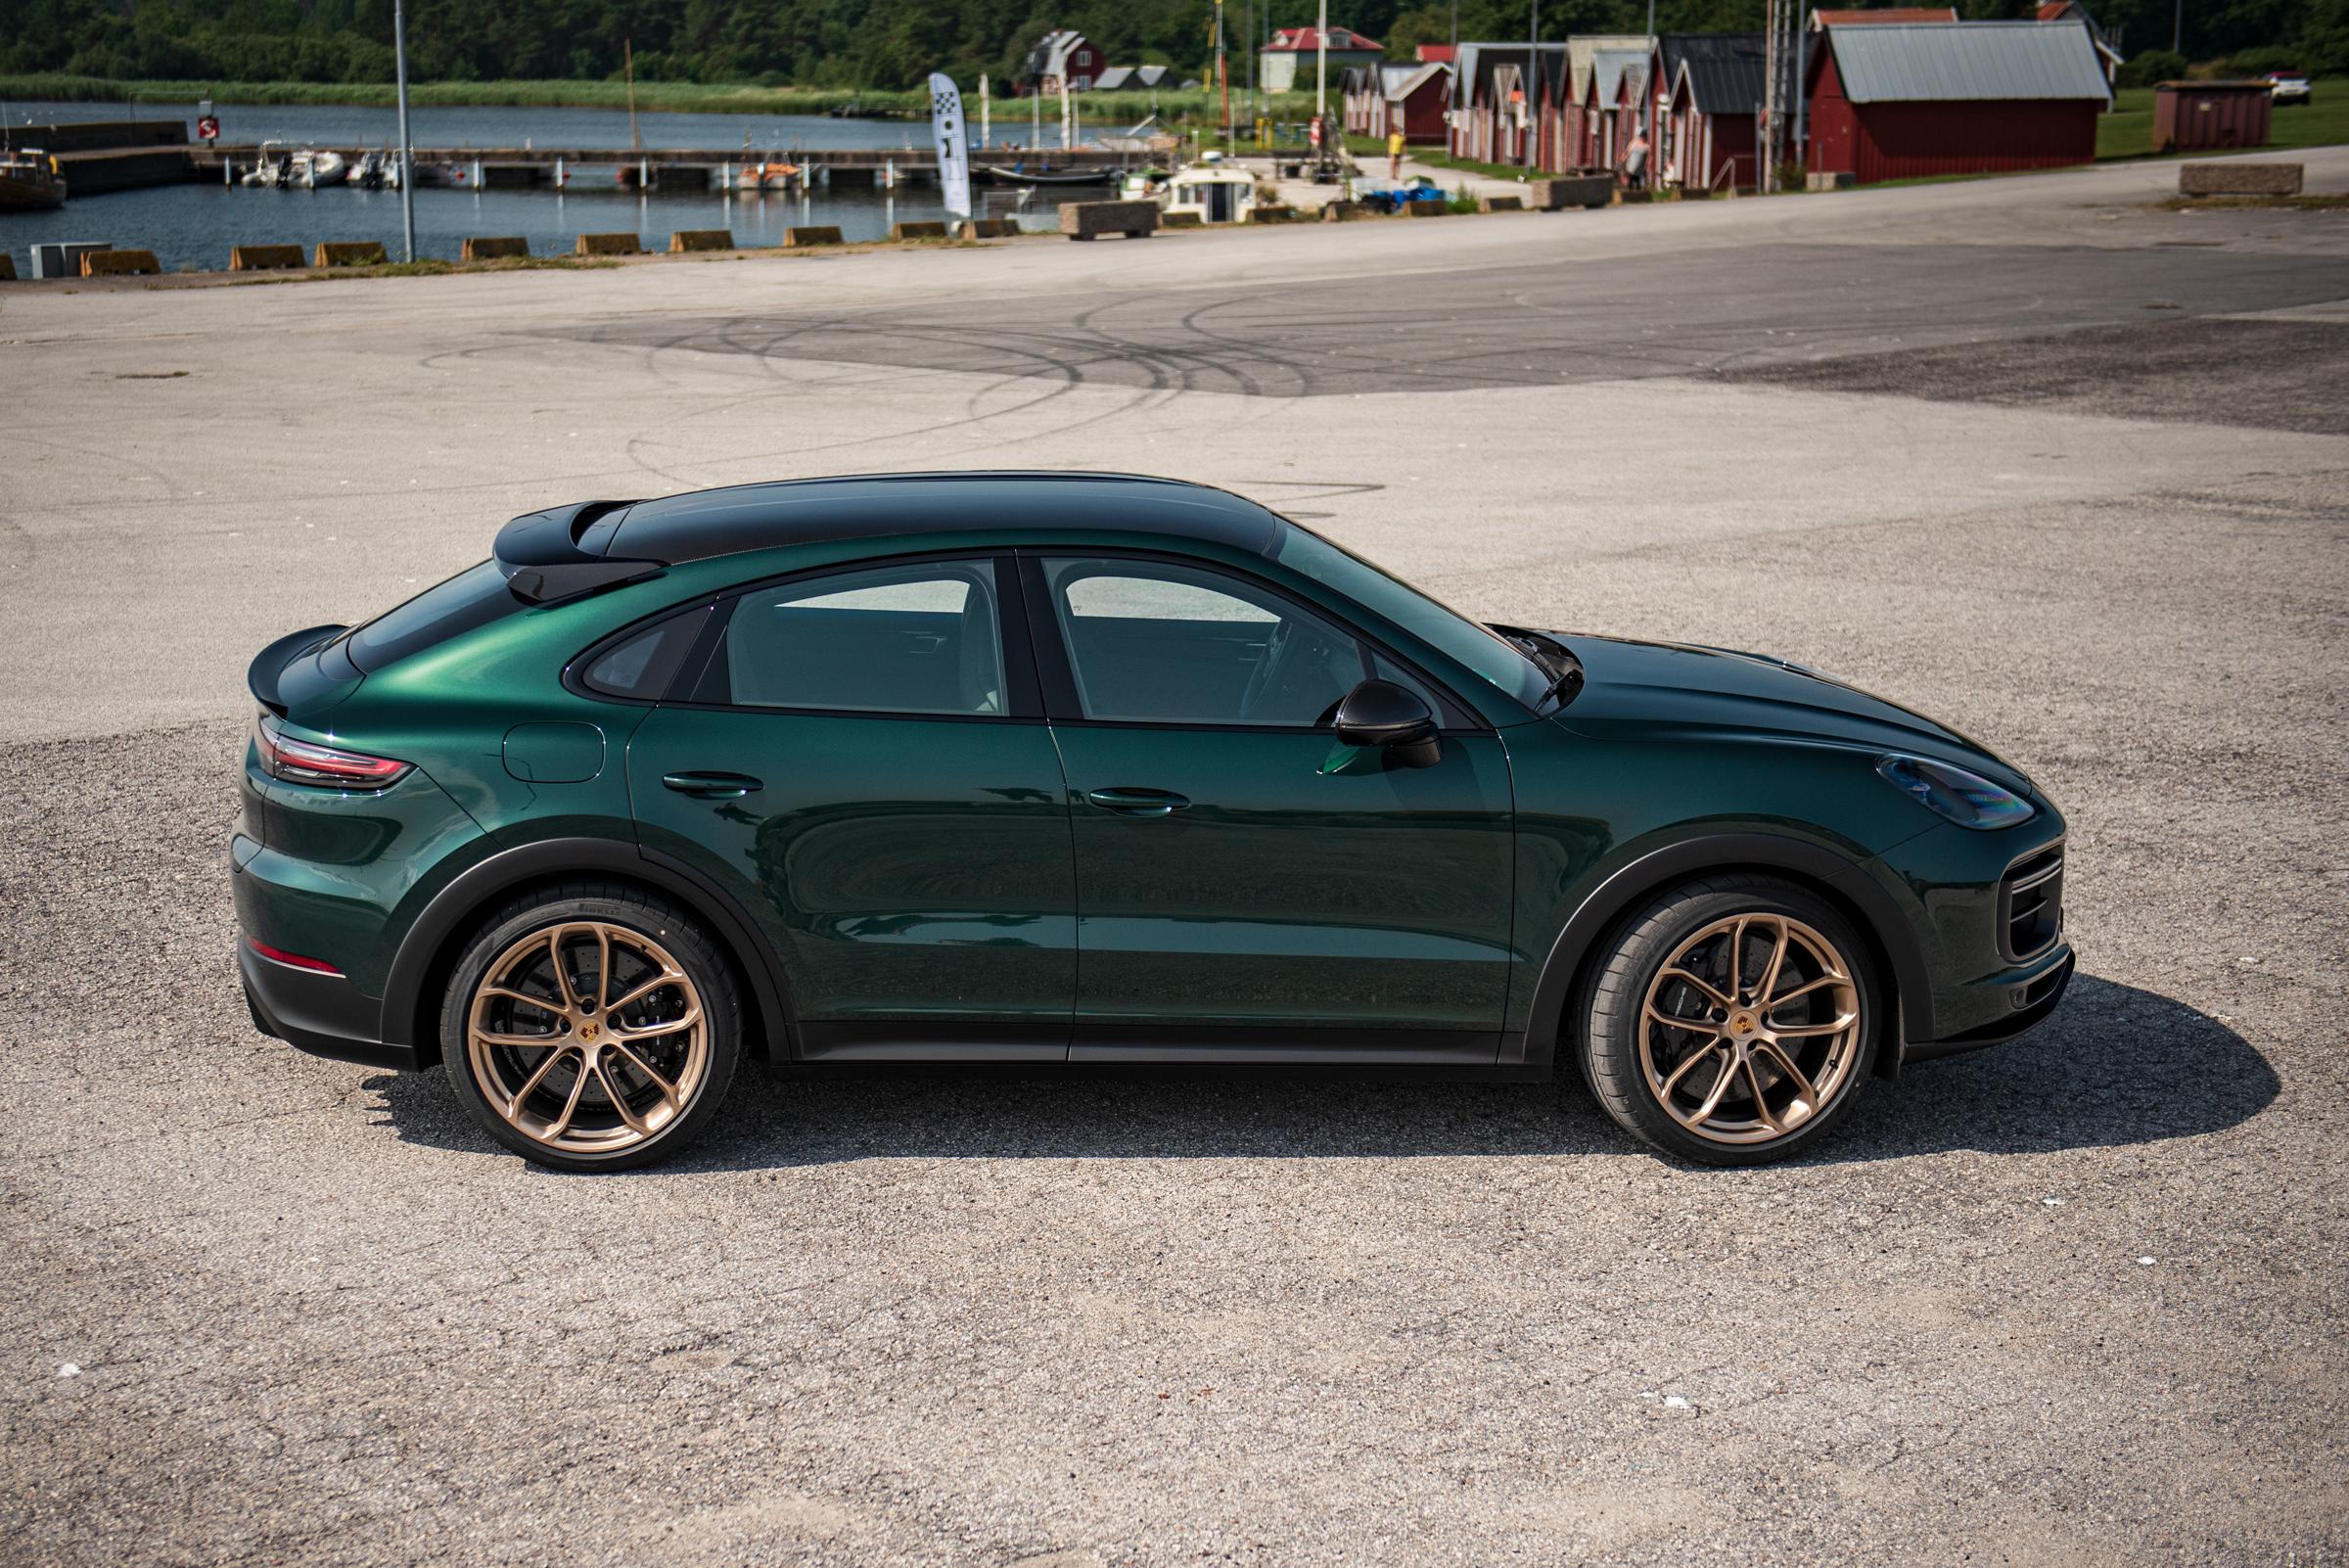 Porsche Cayenne Turbo GT Side Top